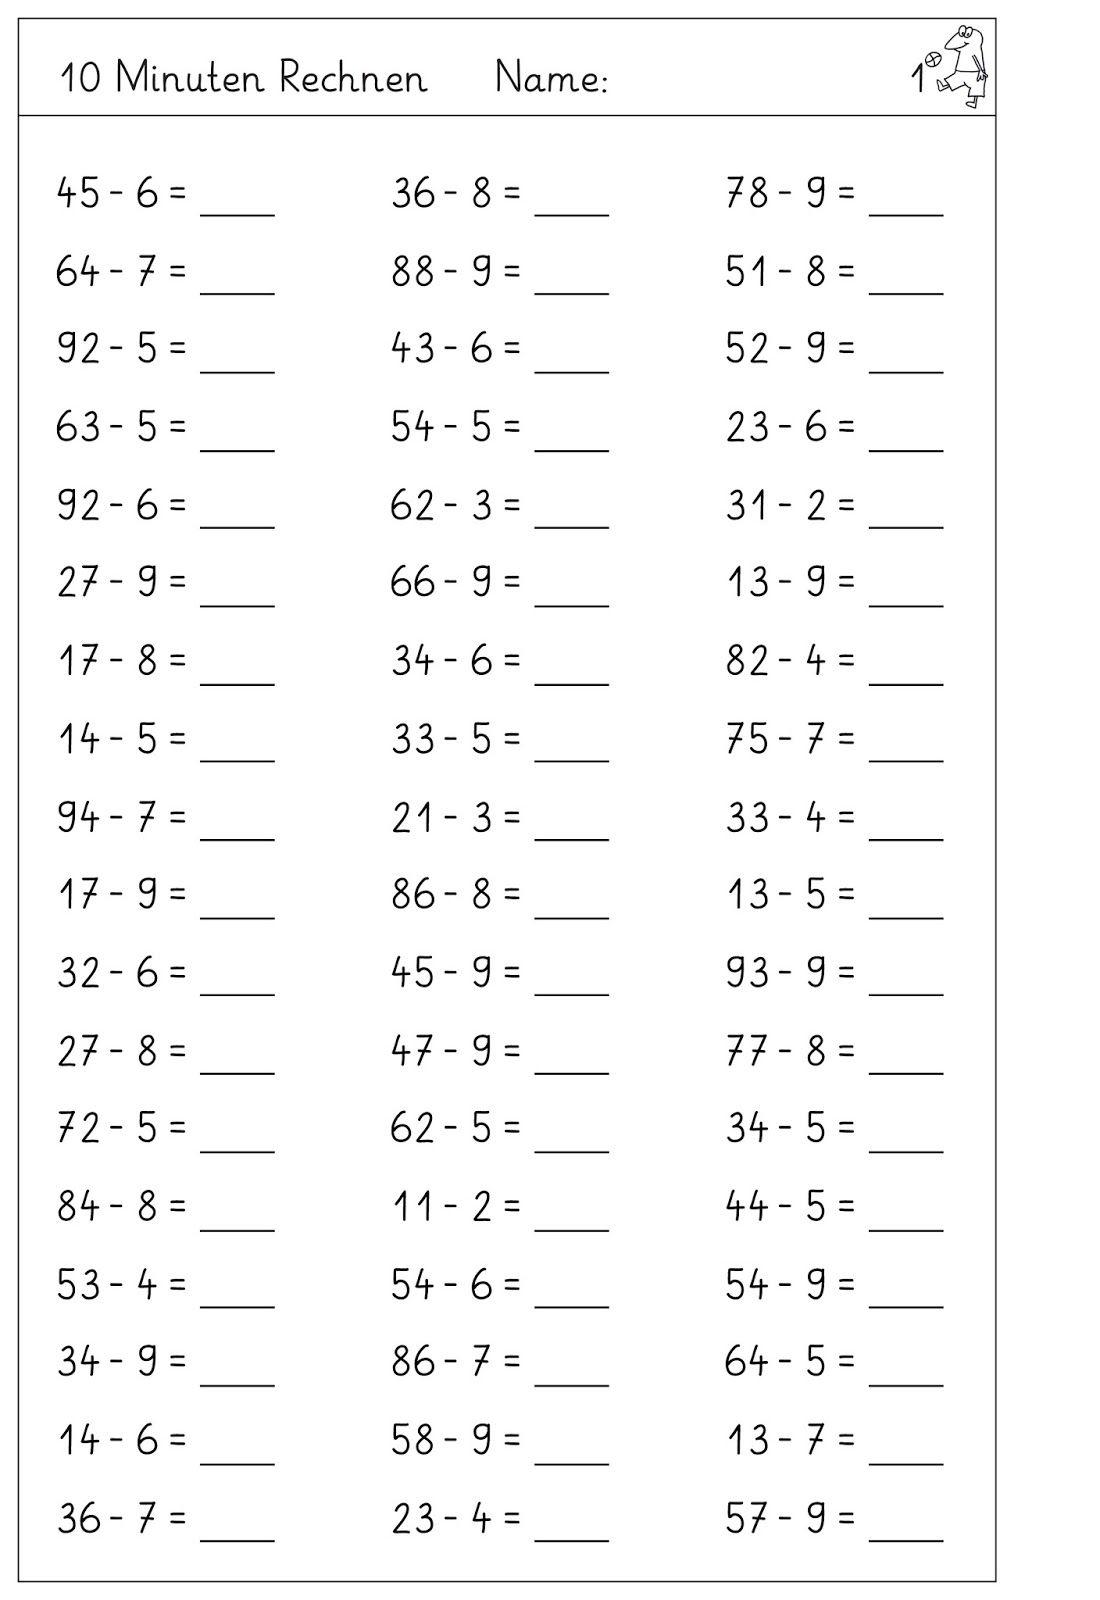 Der Zehnerubergang Im Zr 100 Mit Einstelligen Zahlen